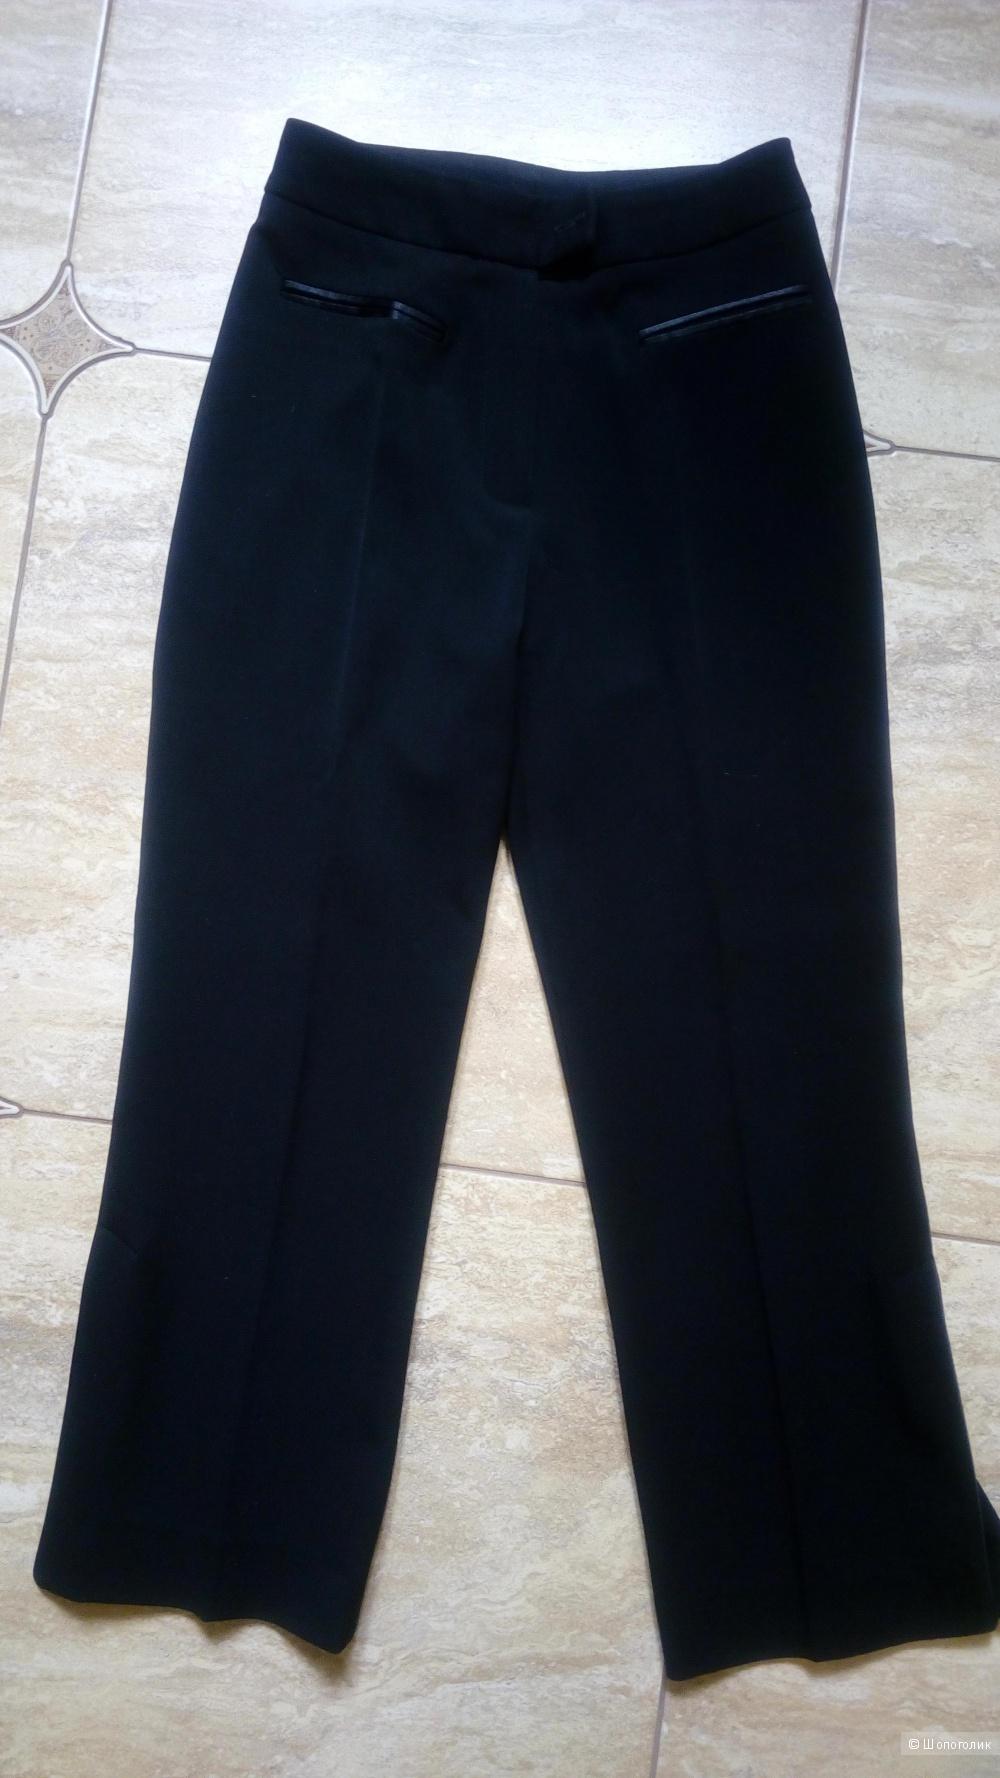 Женские брюки 7/8 Manitas, 42 размер